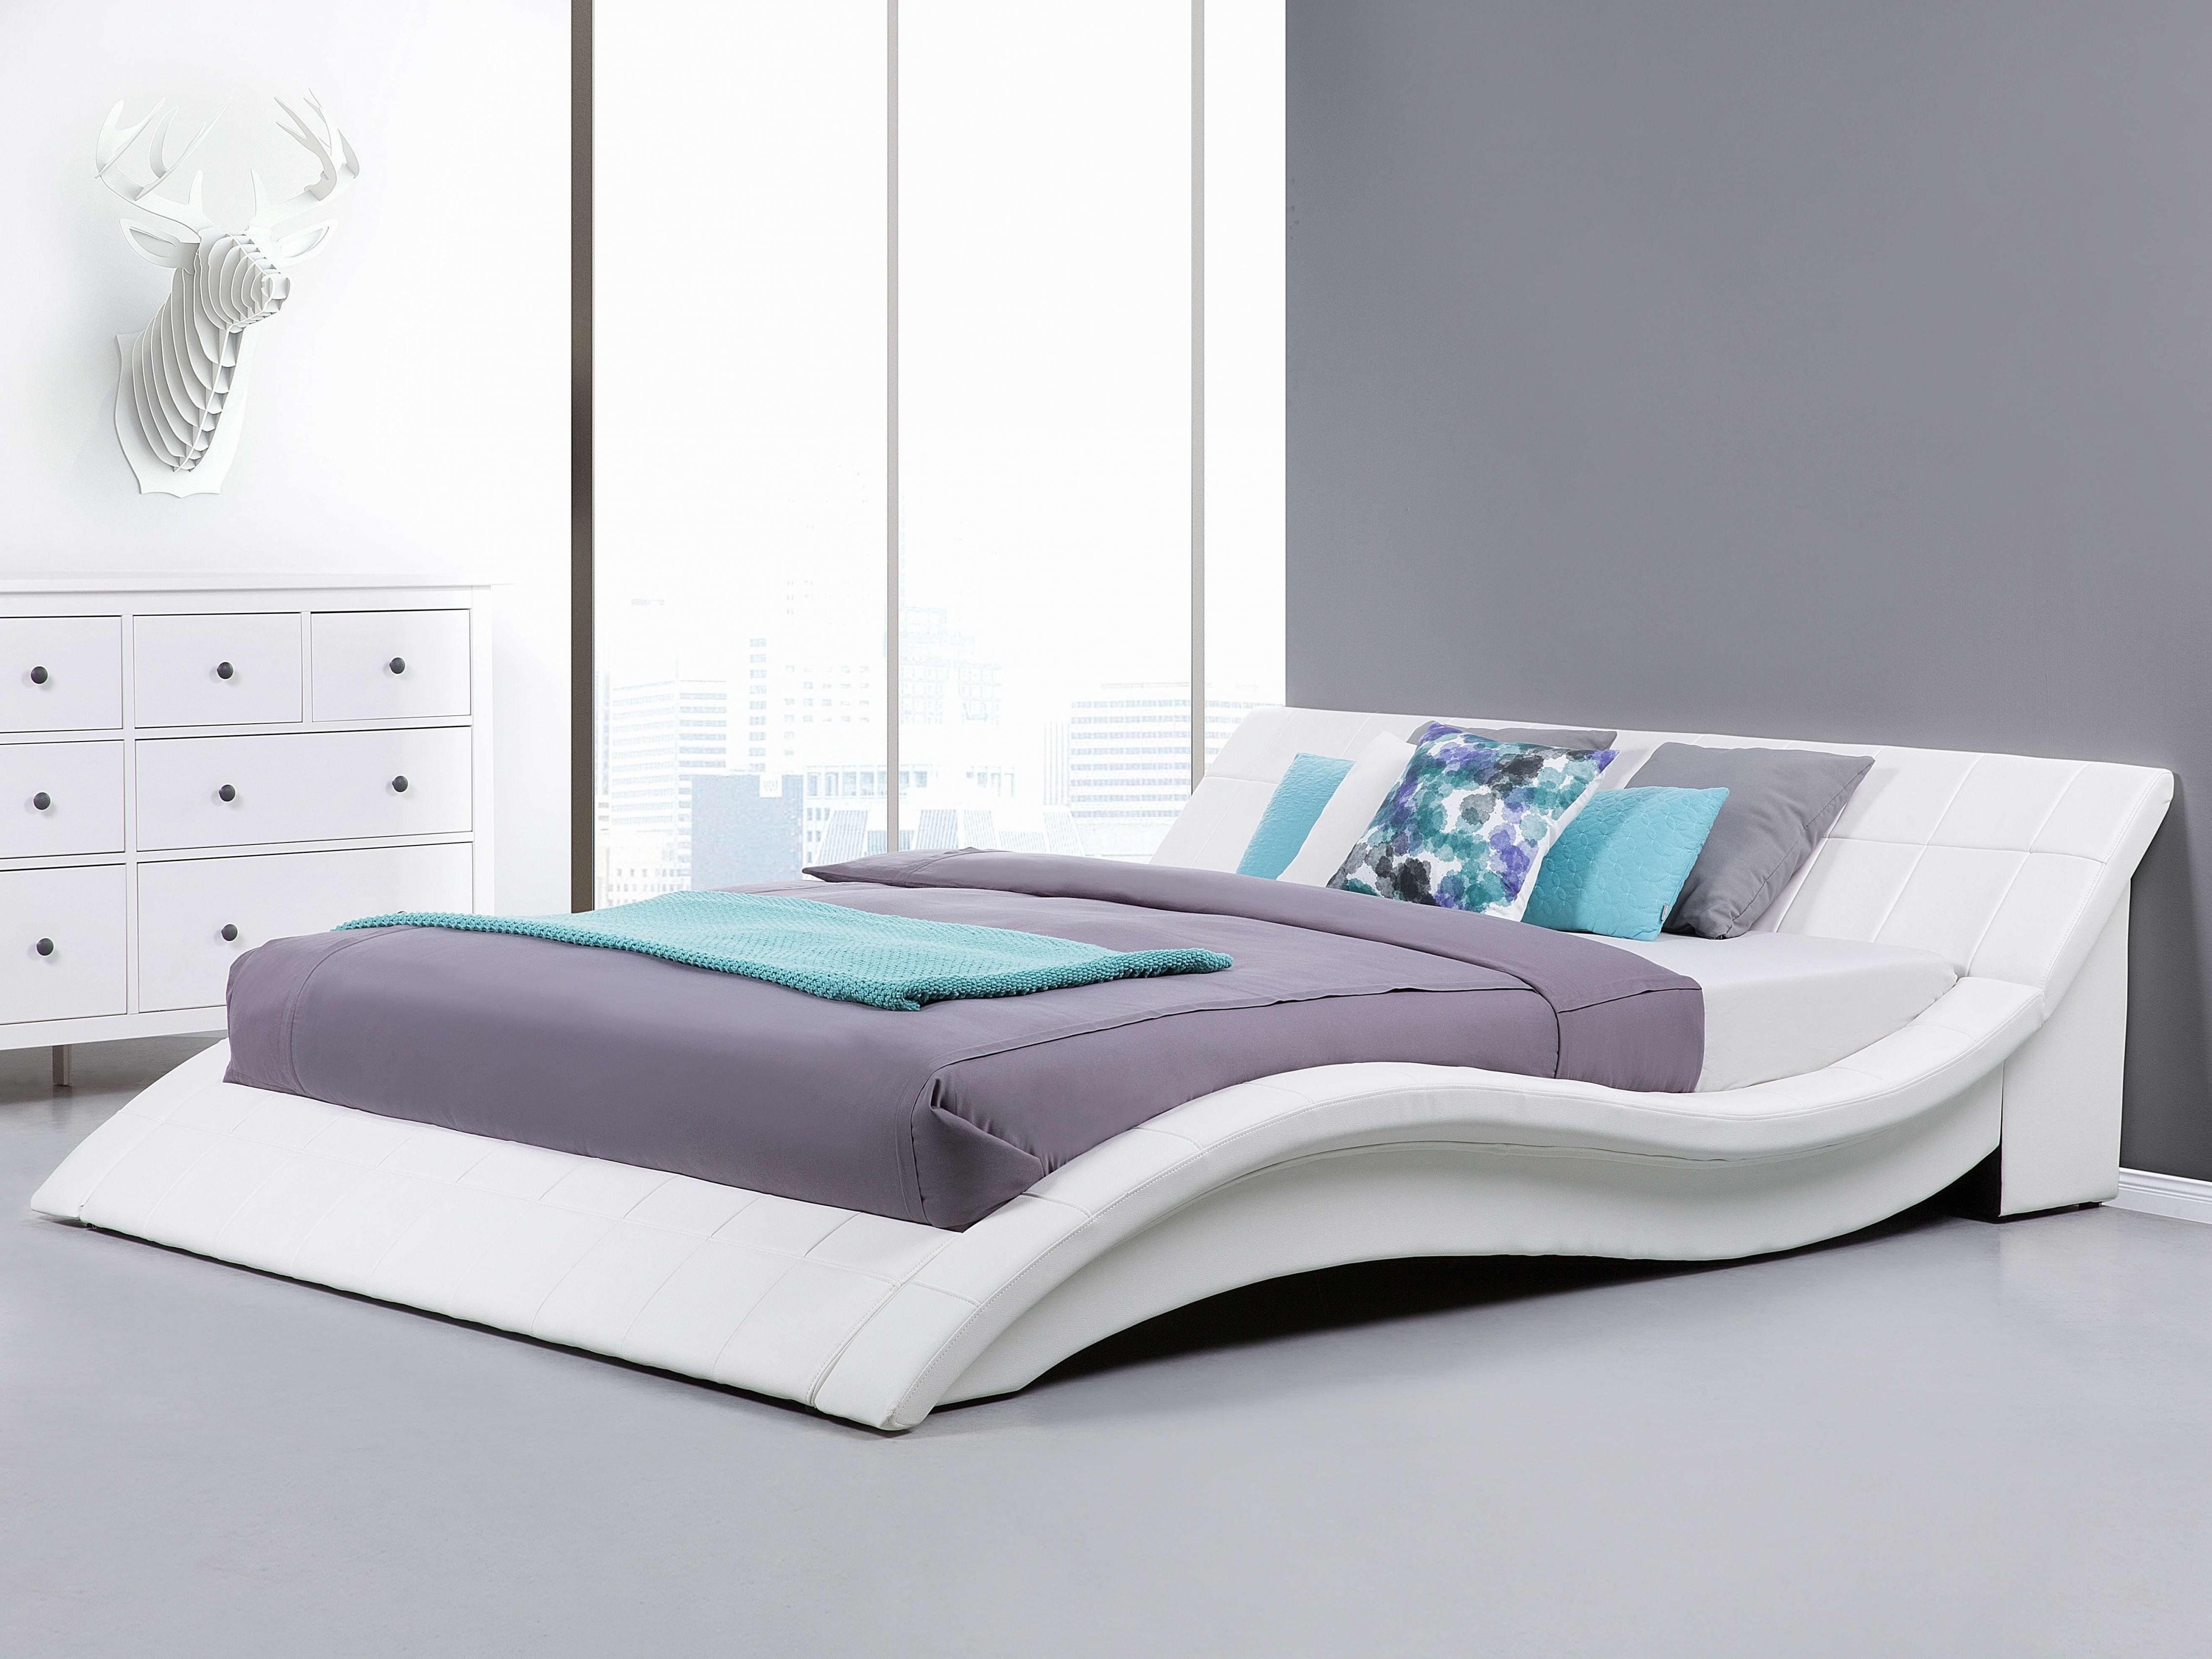 50 Schön Bett Mit Matratze Und Lattenrost 90×200 – Huambodigital von Bett Mit Matratze Und Lattenrost 90X200 Bild